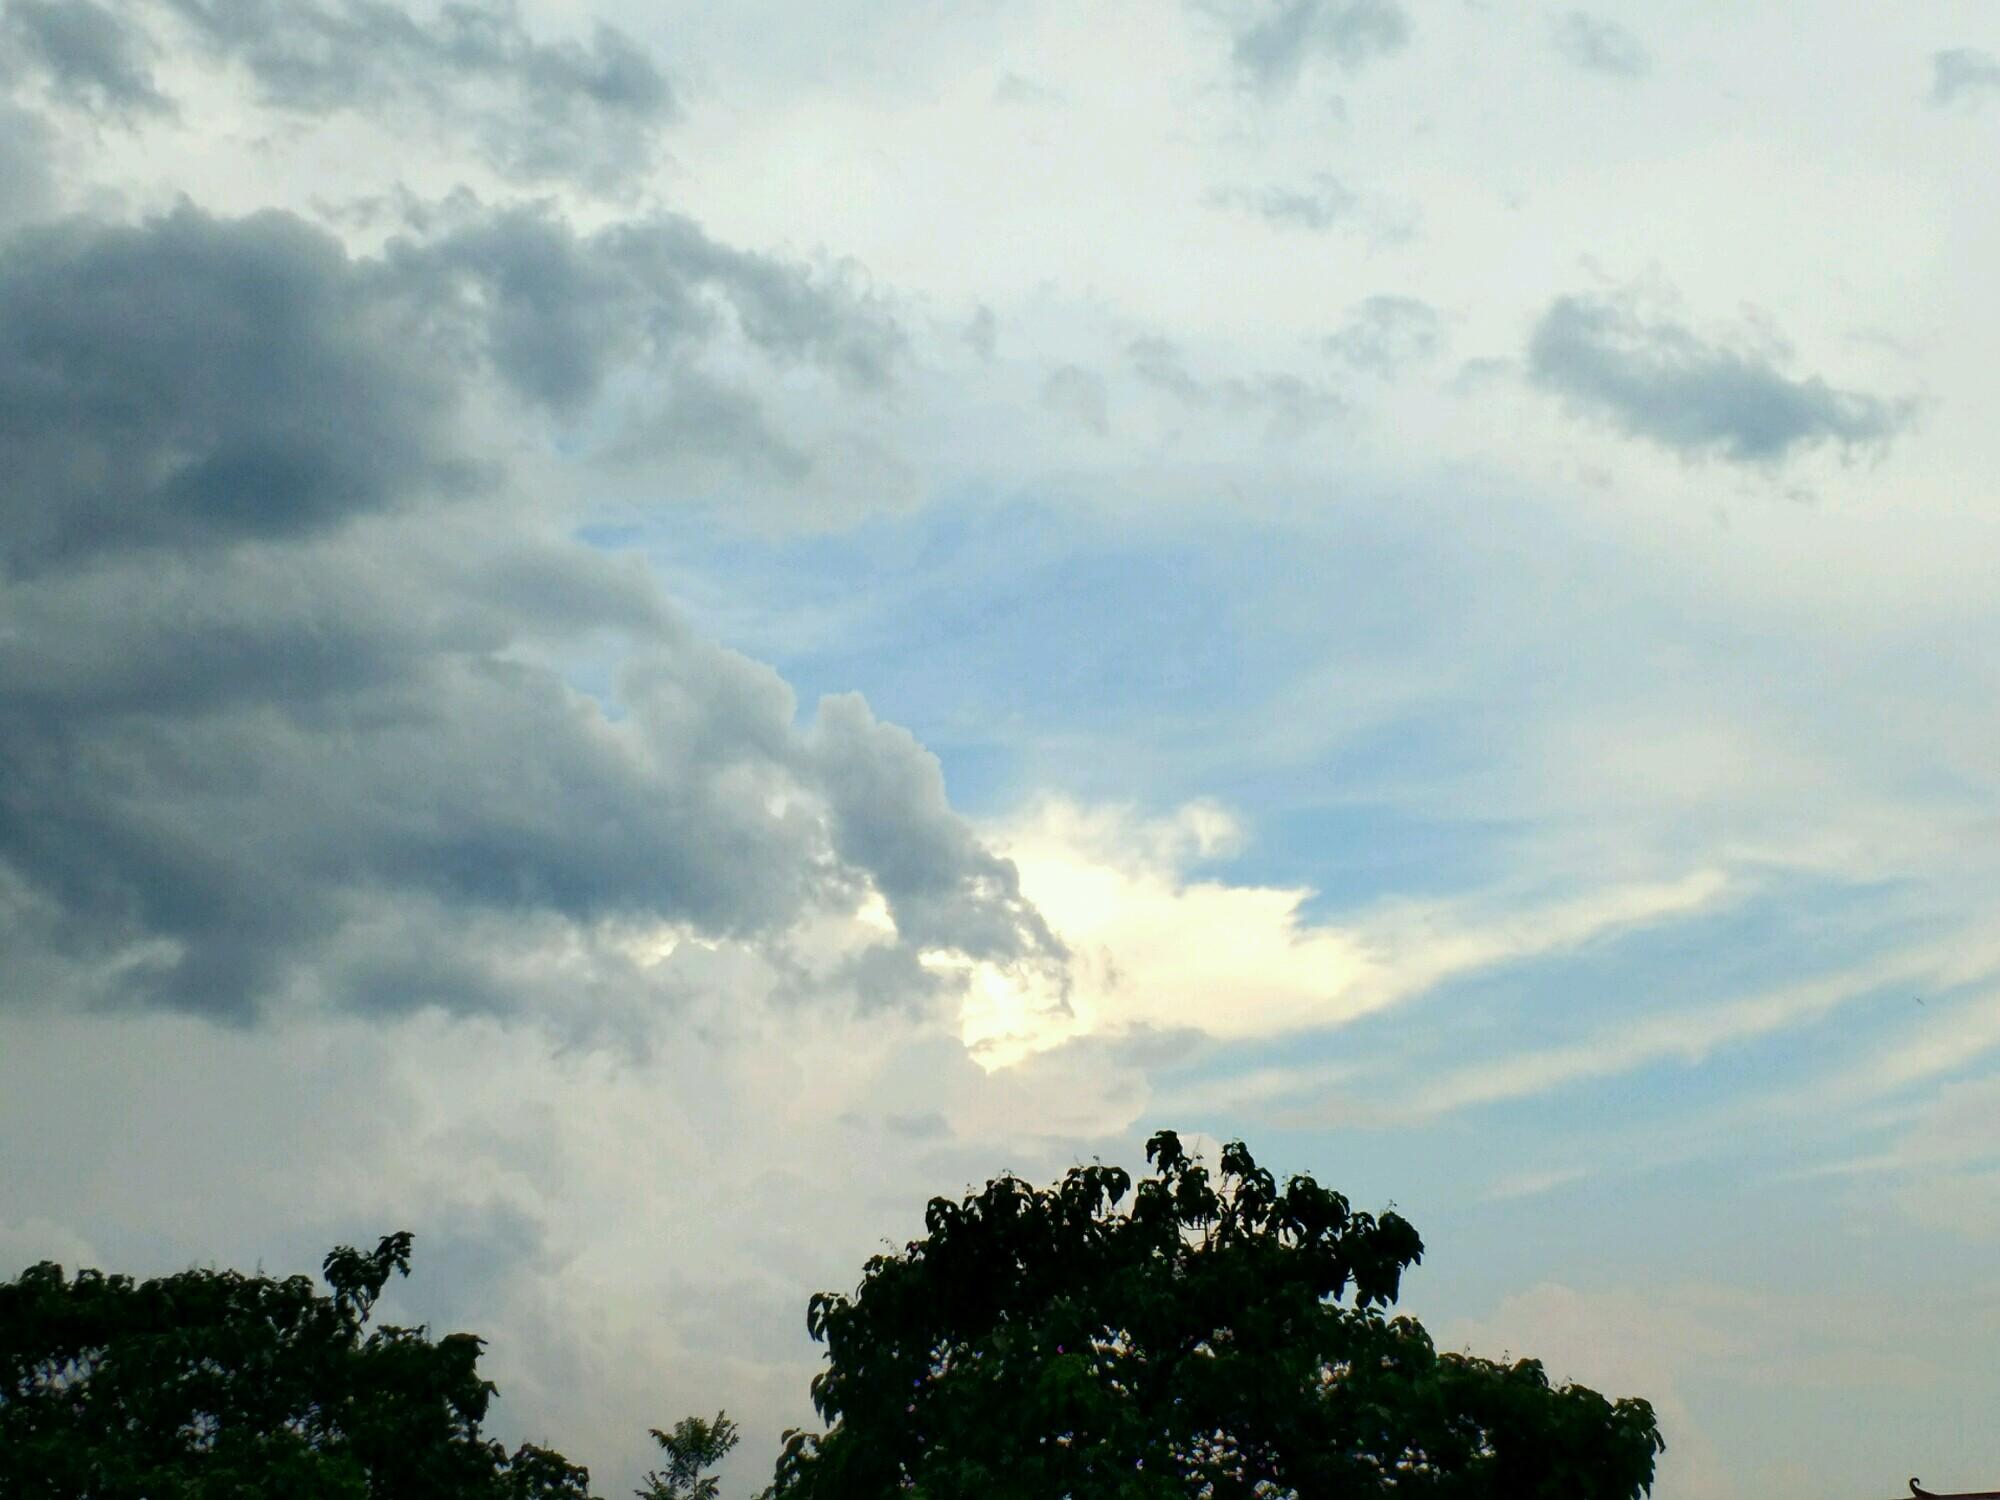 大雨冲刷后的风景